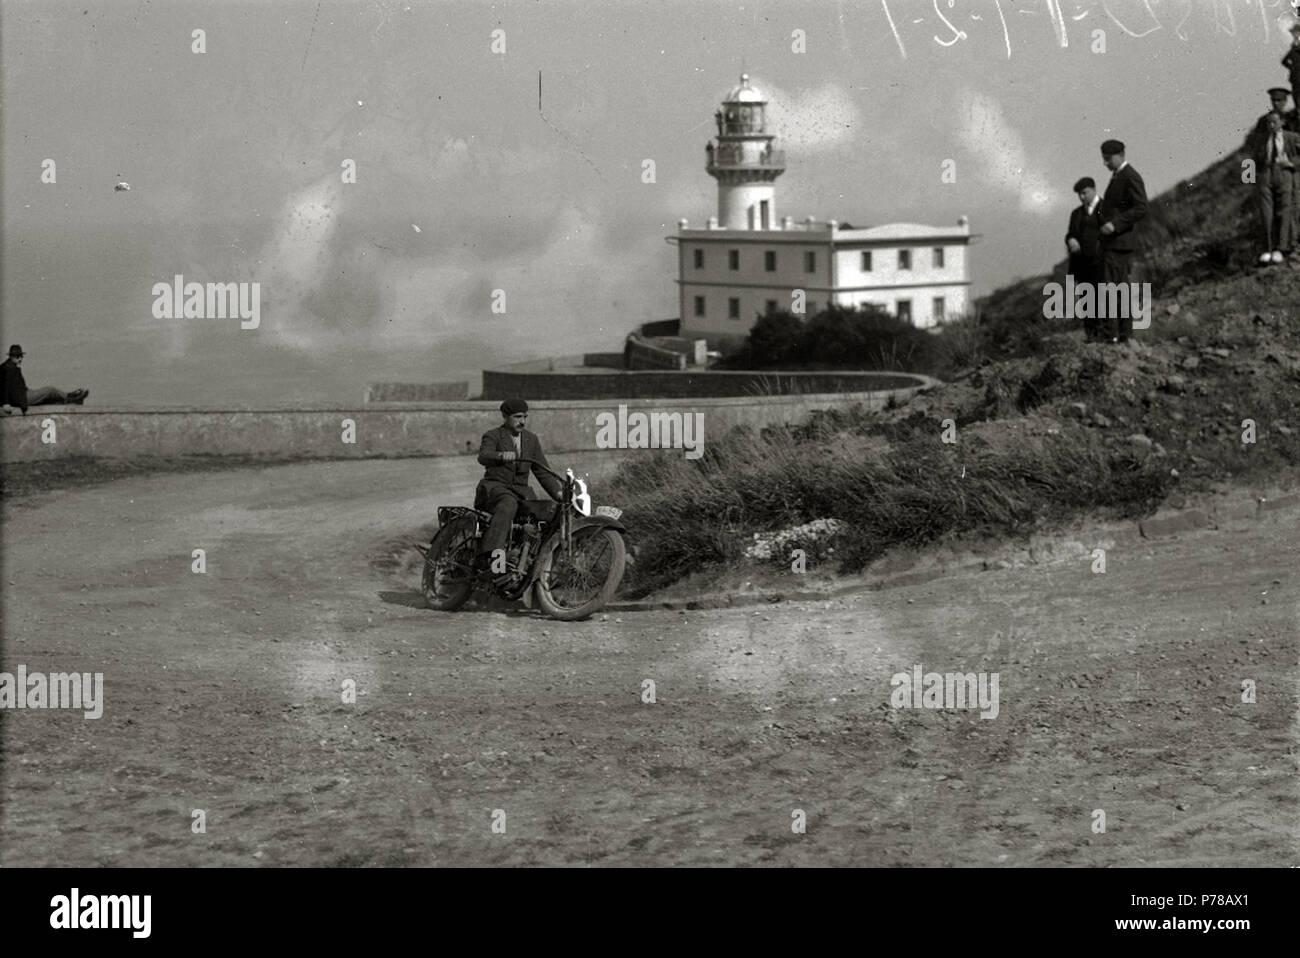 Español: Título original: Motociclismo por el Paseo del Faro (3/6) Localización: San Sebastián (Guipúzcoa)  . 1922 47 Motociclismo por el Paseo del Faro (3 de 6) - Fondo Car-Kutxa Fototeka Stock Photo